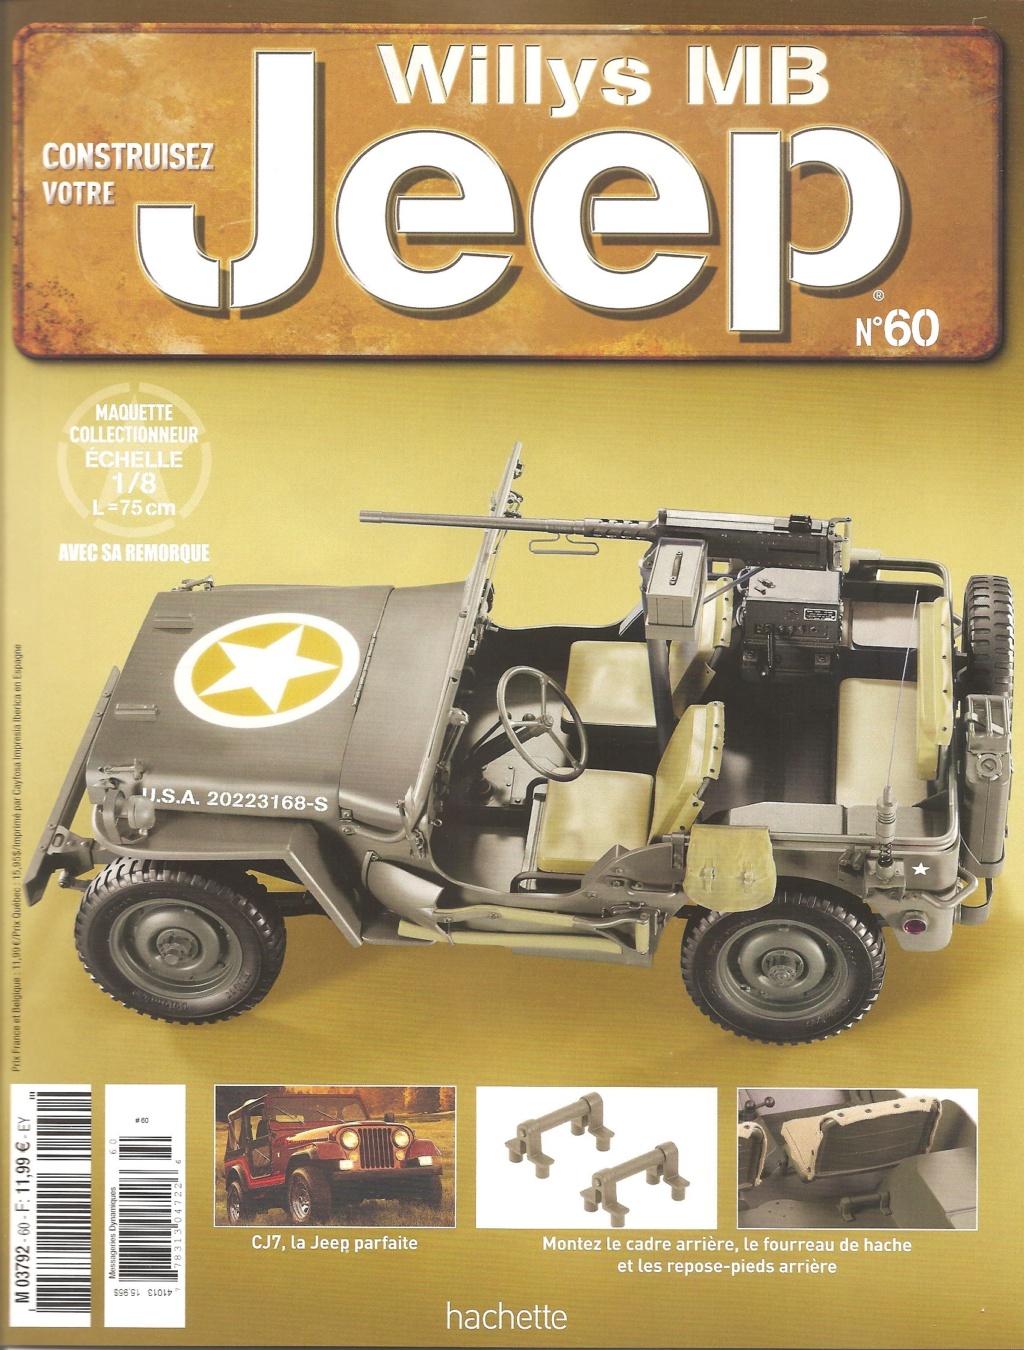 Jeep Willis Hachette au 1/8 [partie I] - Page 20 N60_pa10